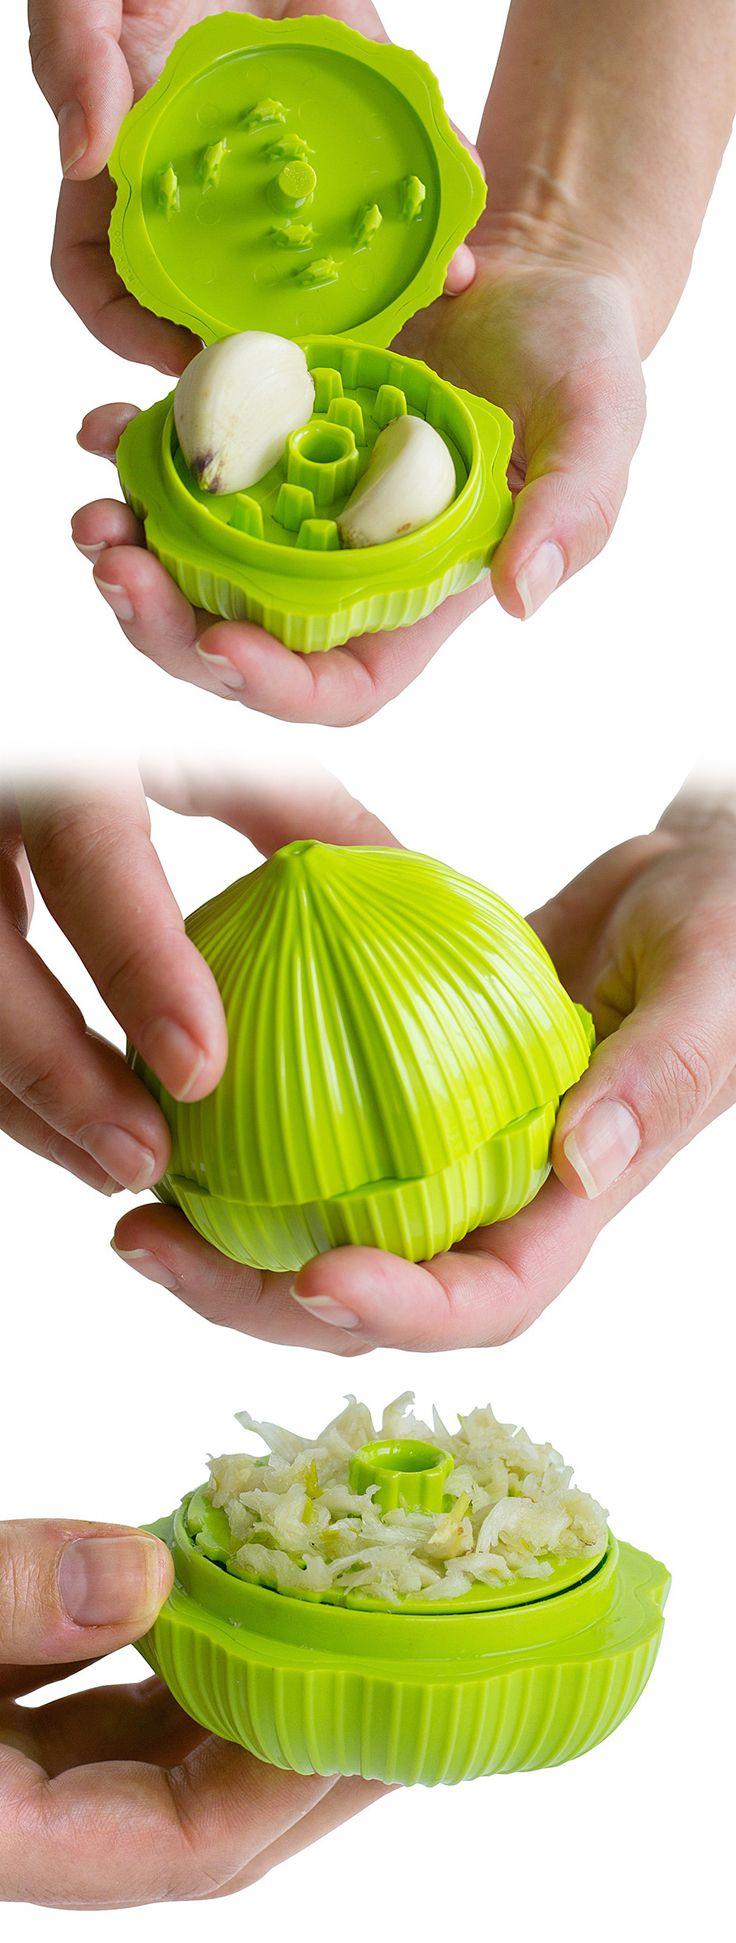 Kitchen Gadget Ideas | Garlic Chopper Insert Twist And Chop Awesome Kitchen Gadget